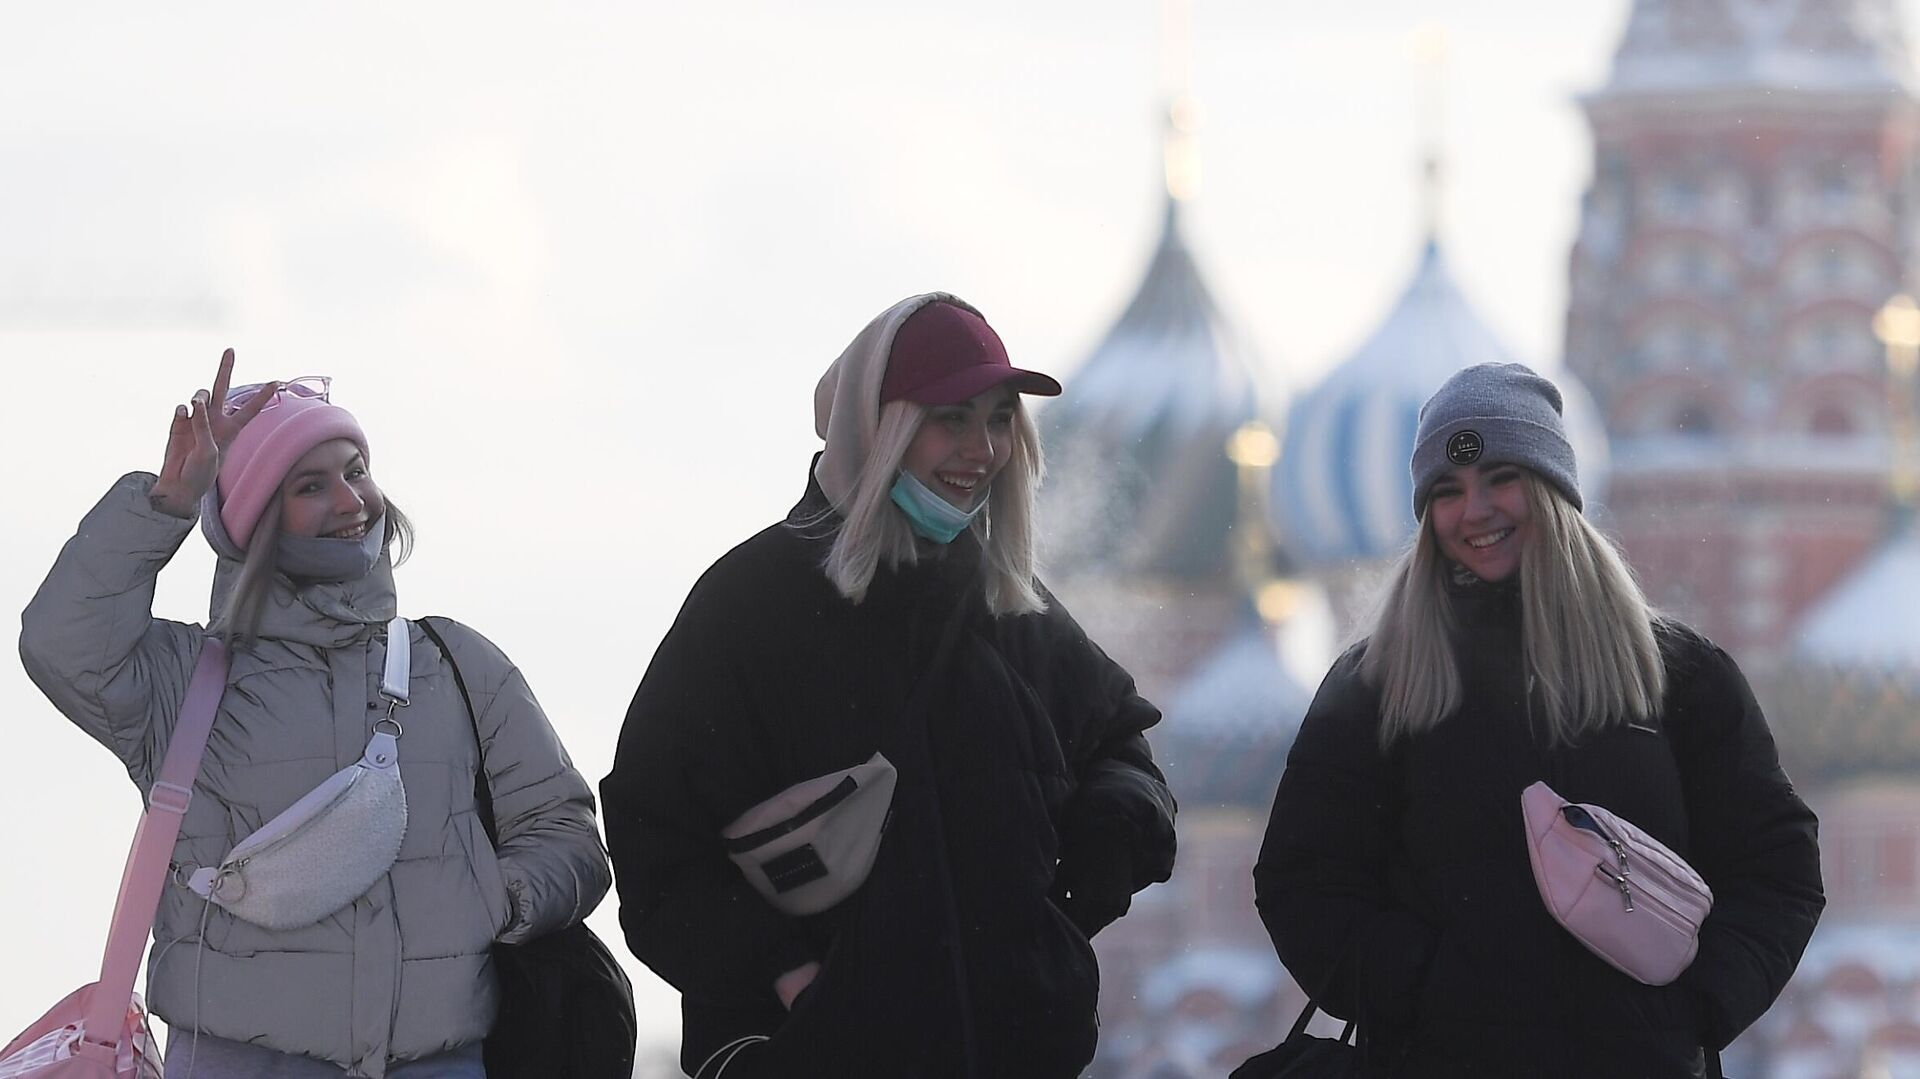 Девушки на Красной площади в Москве - РИА Новости, 1920, 05.03.2021